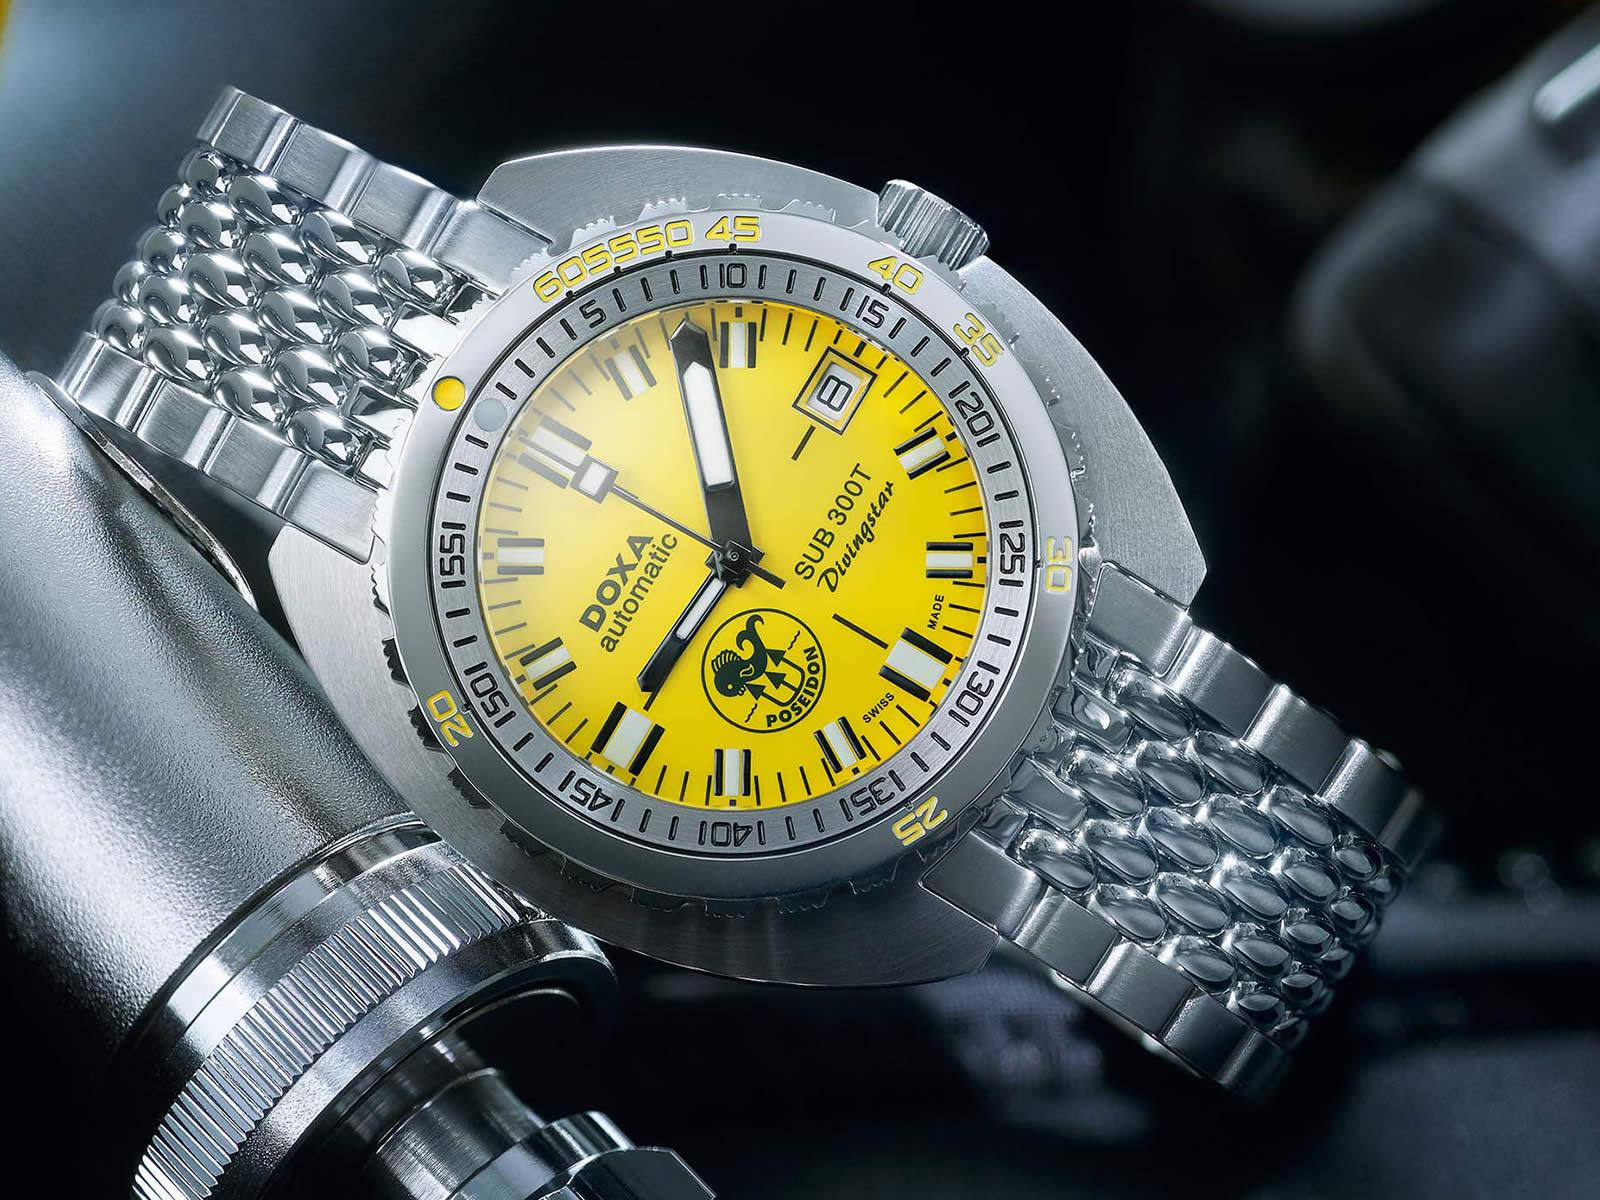 doxa-sub-300t-divingstar-poseidon-edition-4-.jpg